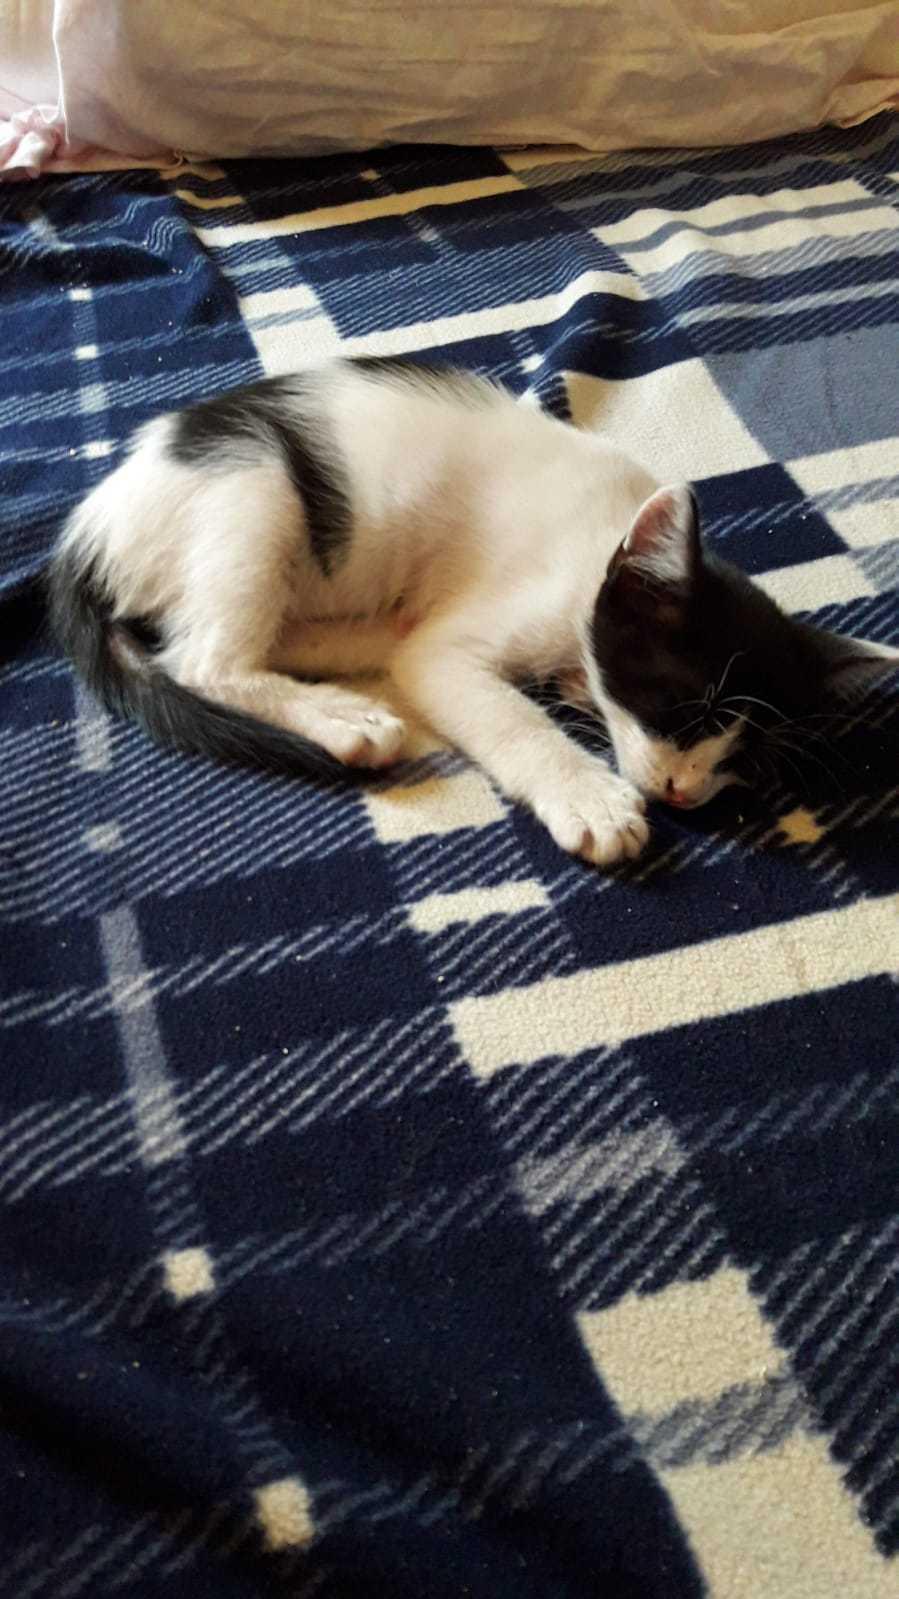 Yeni Sıcak Yuvasını Arayan Yavru Ked